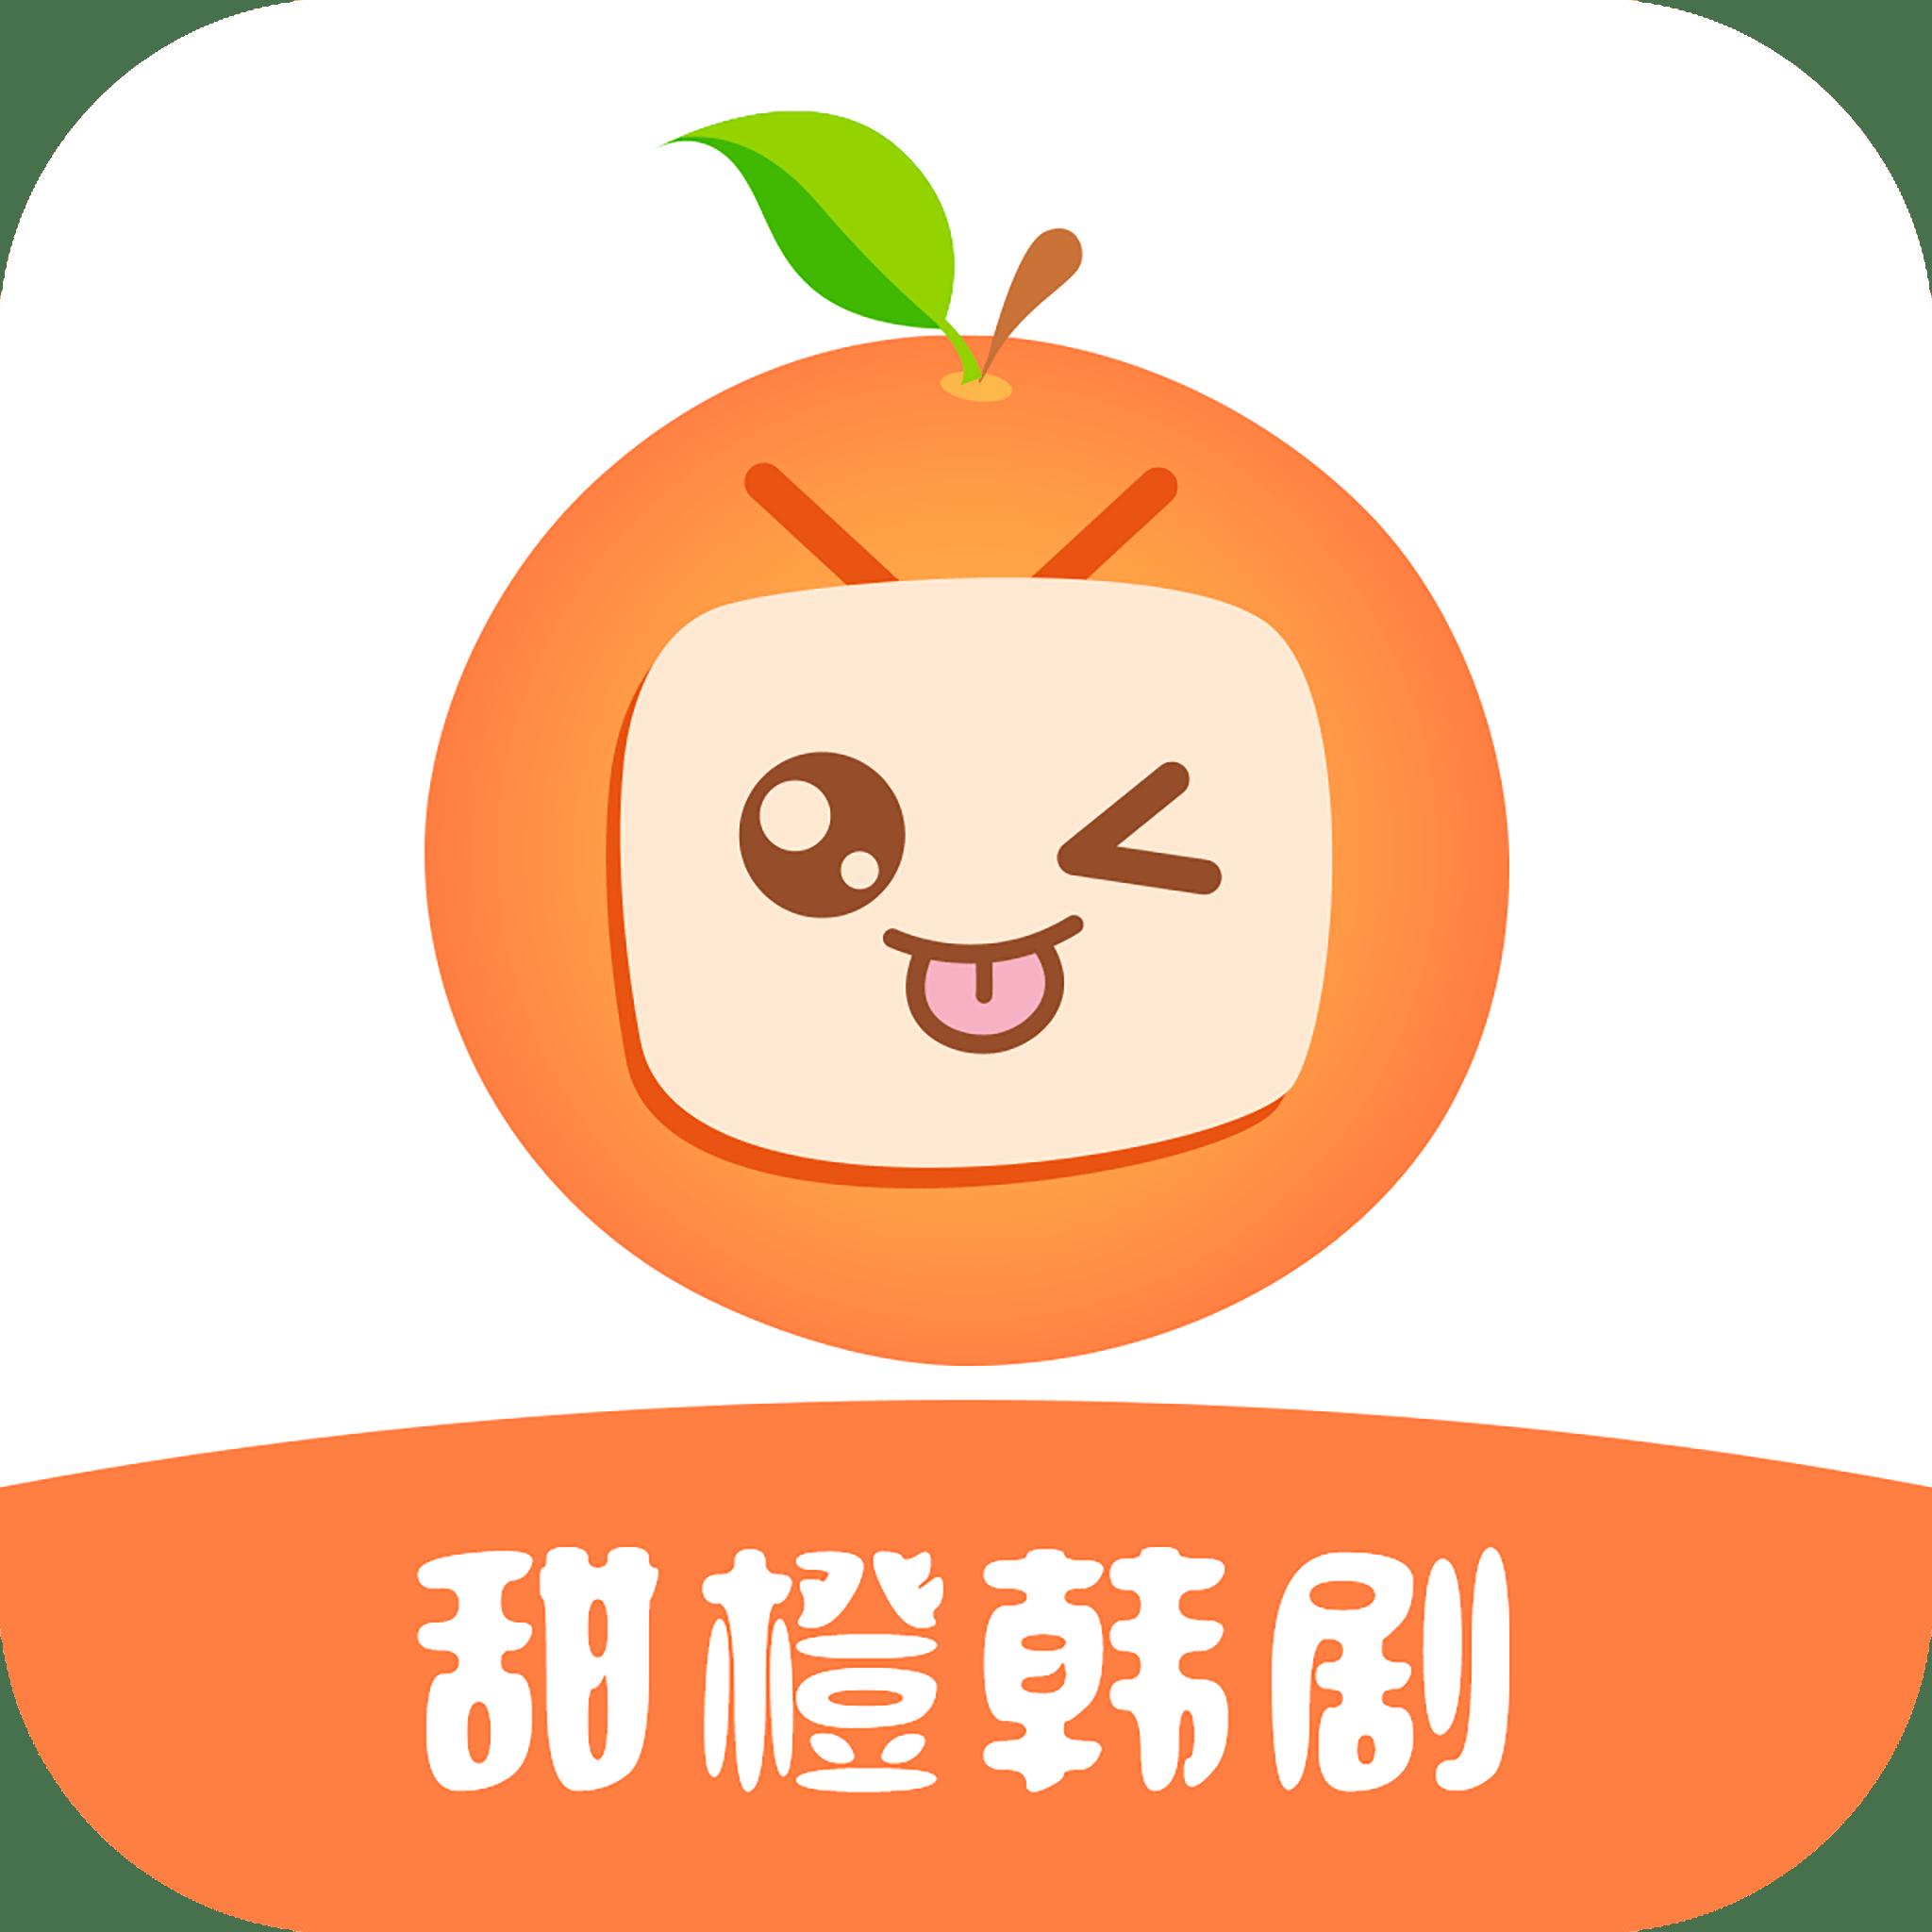 甜橙韩剧 1.1.1 安卓版